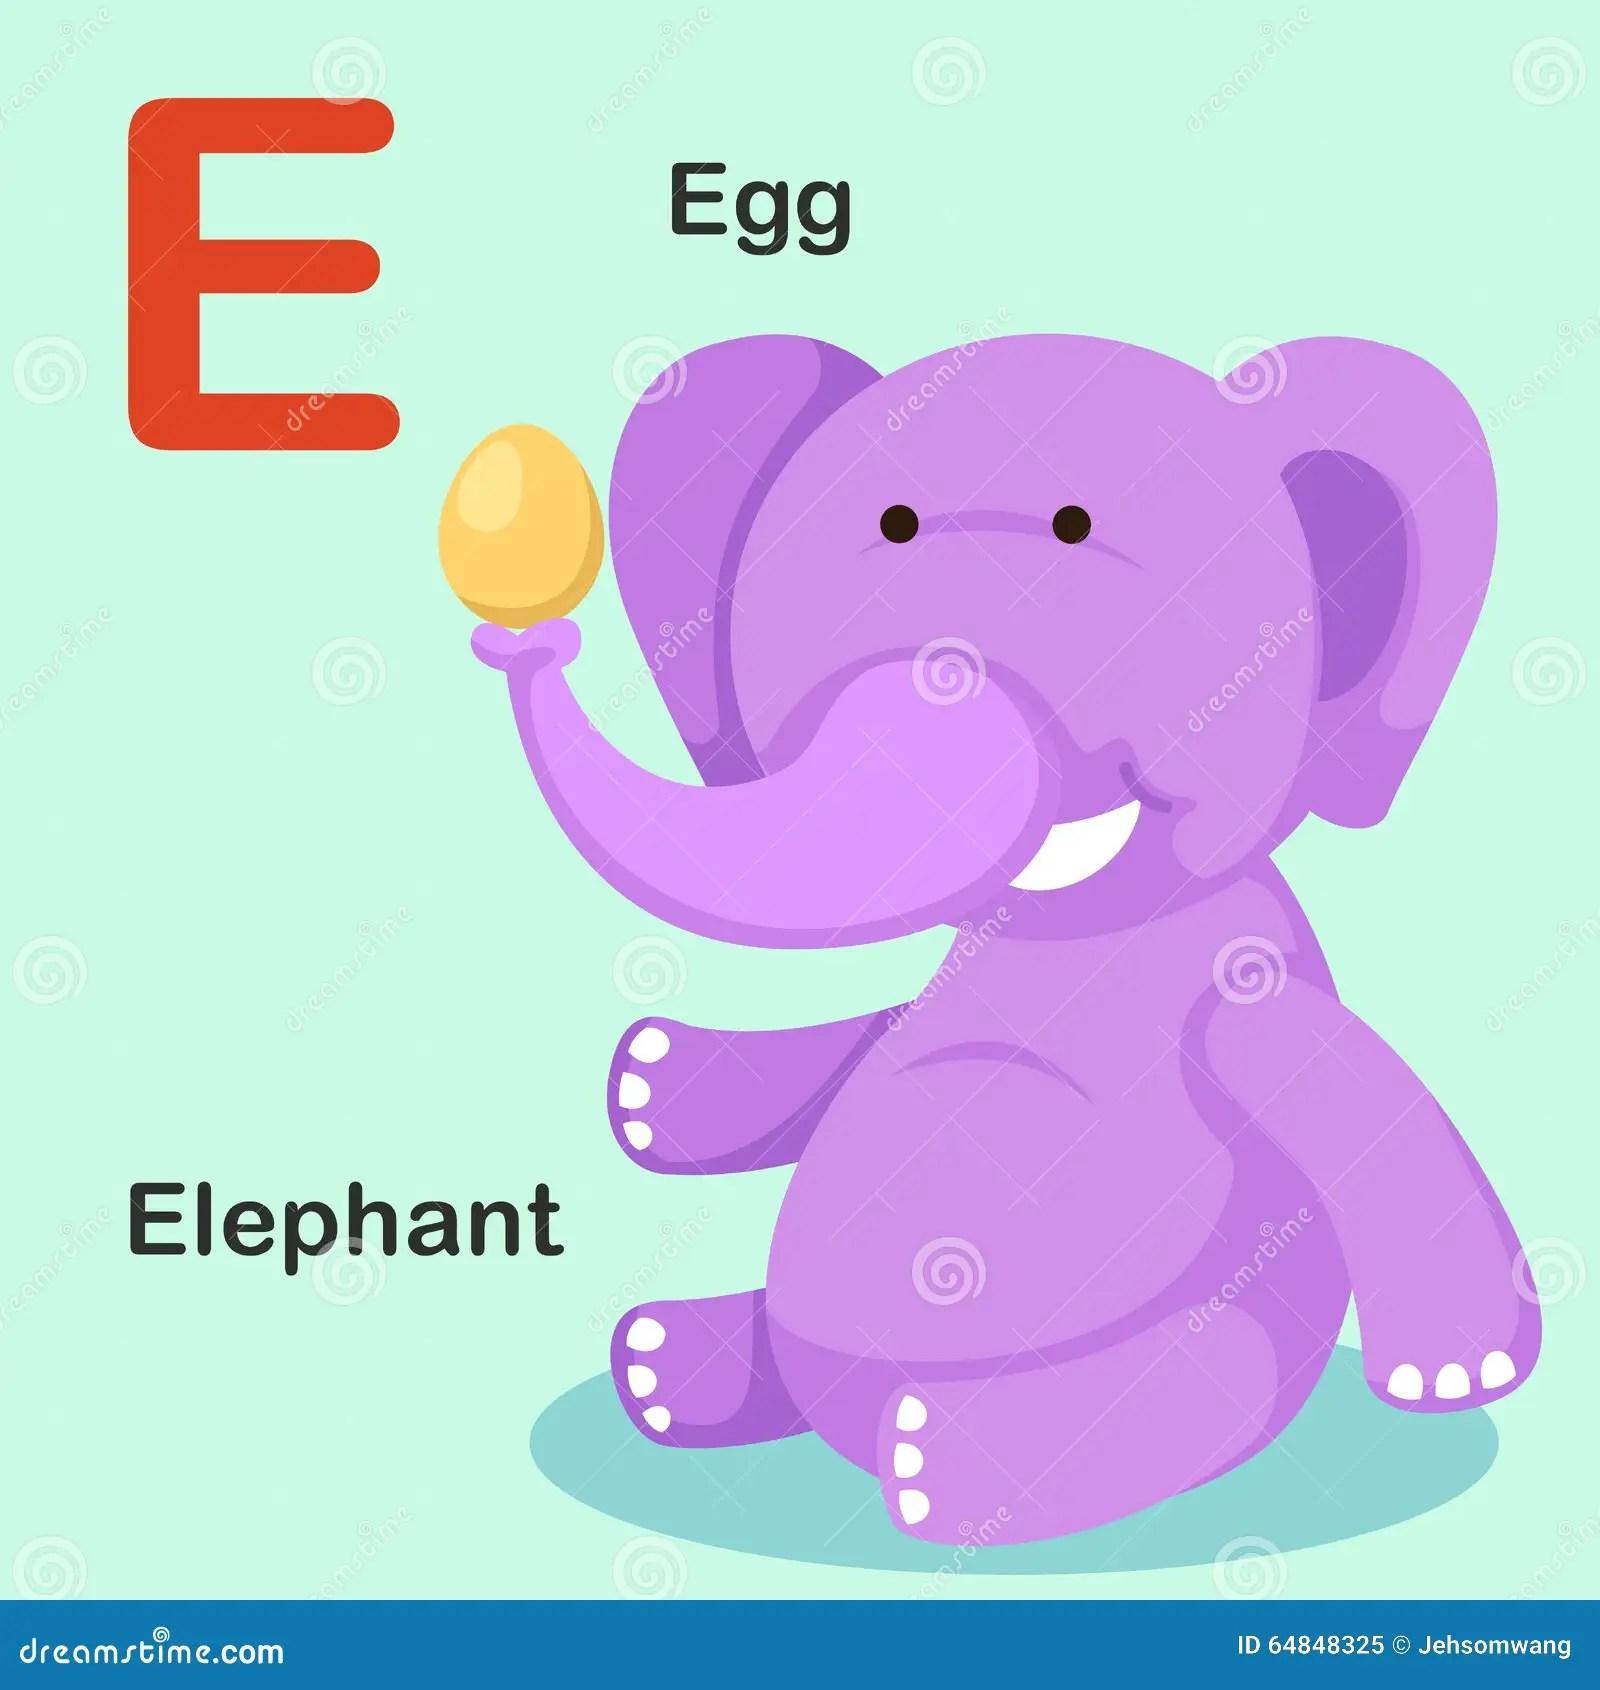 Illustration Isolated Animal Alphabet Letter E Egg Elephant Stock Vector